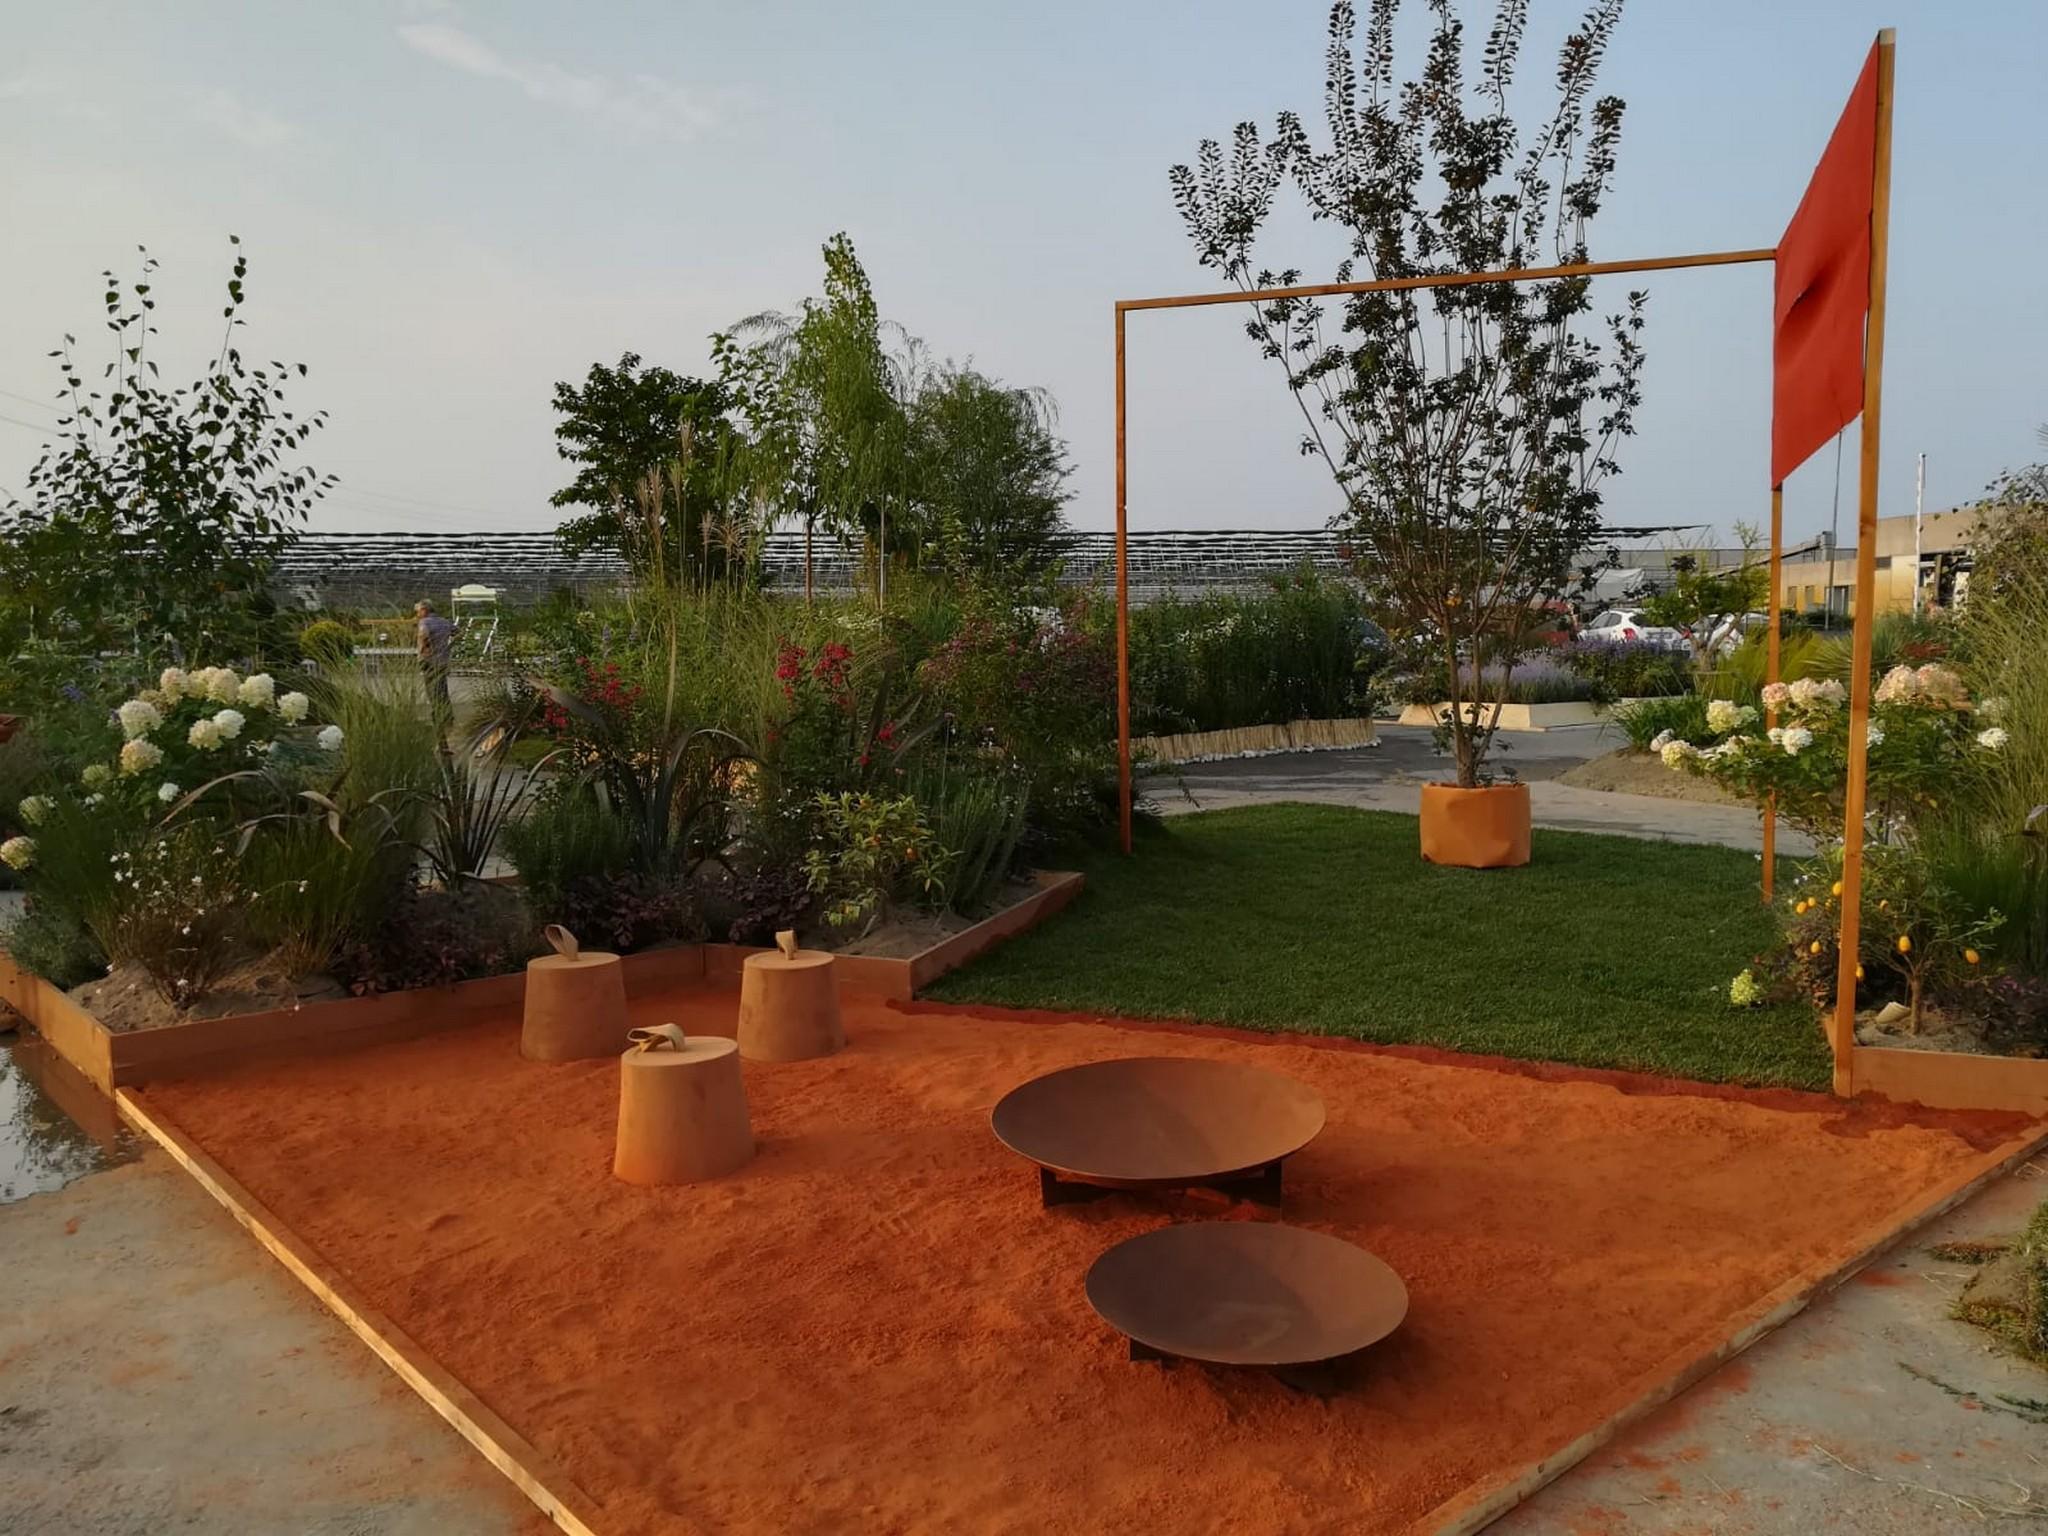 Concorso giardini Verdeggiando_165 Il valore del verde (BP277) Barbara Ponti